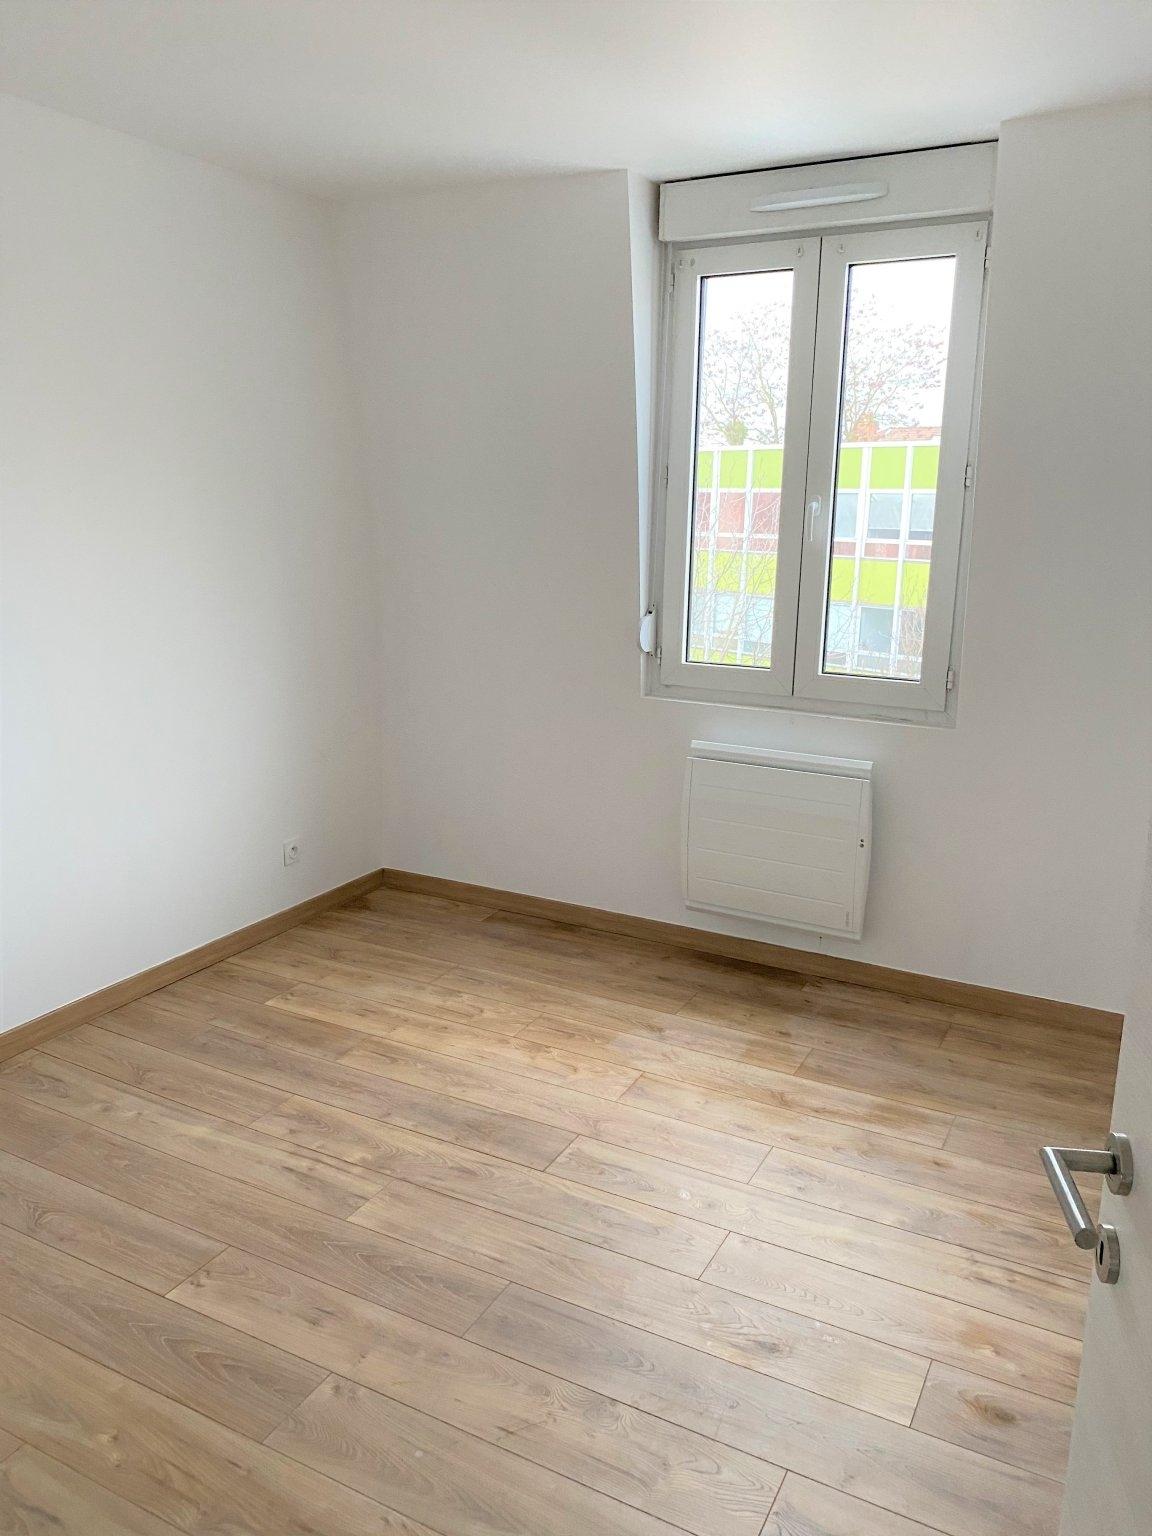 Appartement Reims 2 Pièces 50 m2 - 2